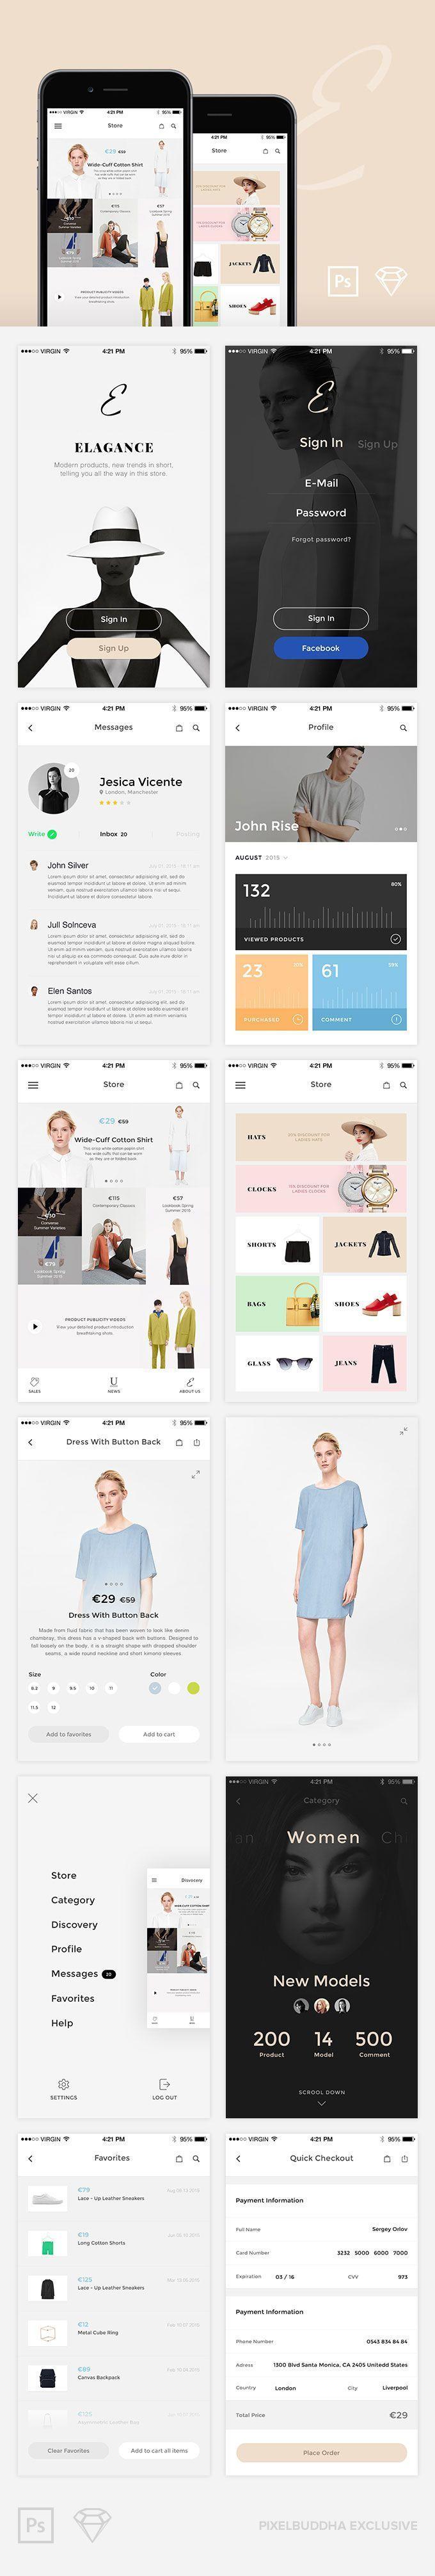 24 nouveaux templates, mockups et icônes en PSD à télécharger gratuitement | BlogDuWebdesign